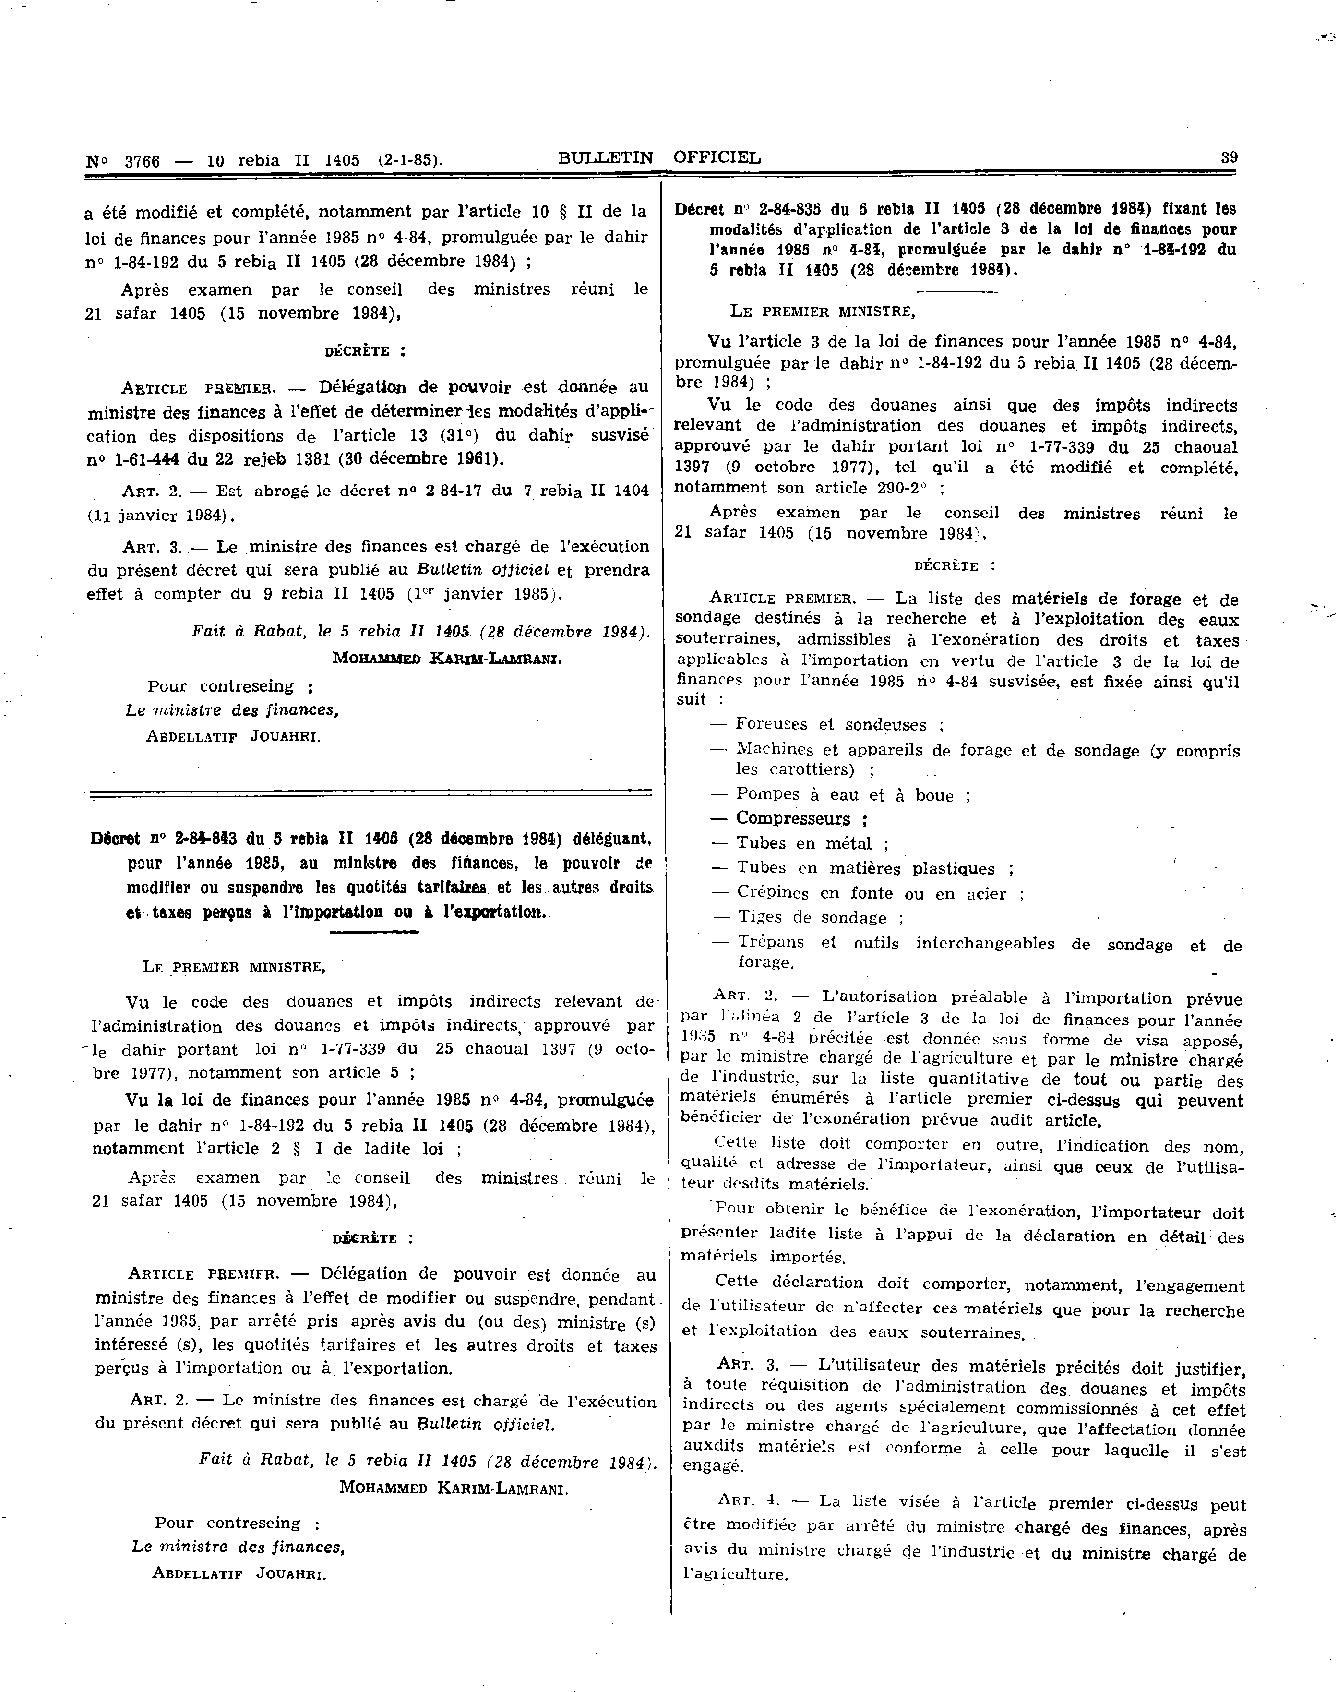 les-prix-maxima-des-acte-et-service-medicaux-dans-le-secteur-prive-039